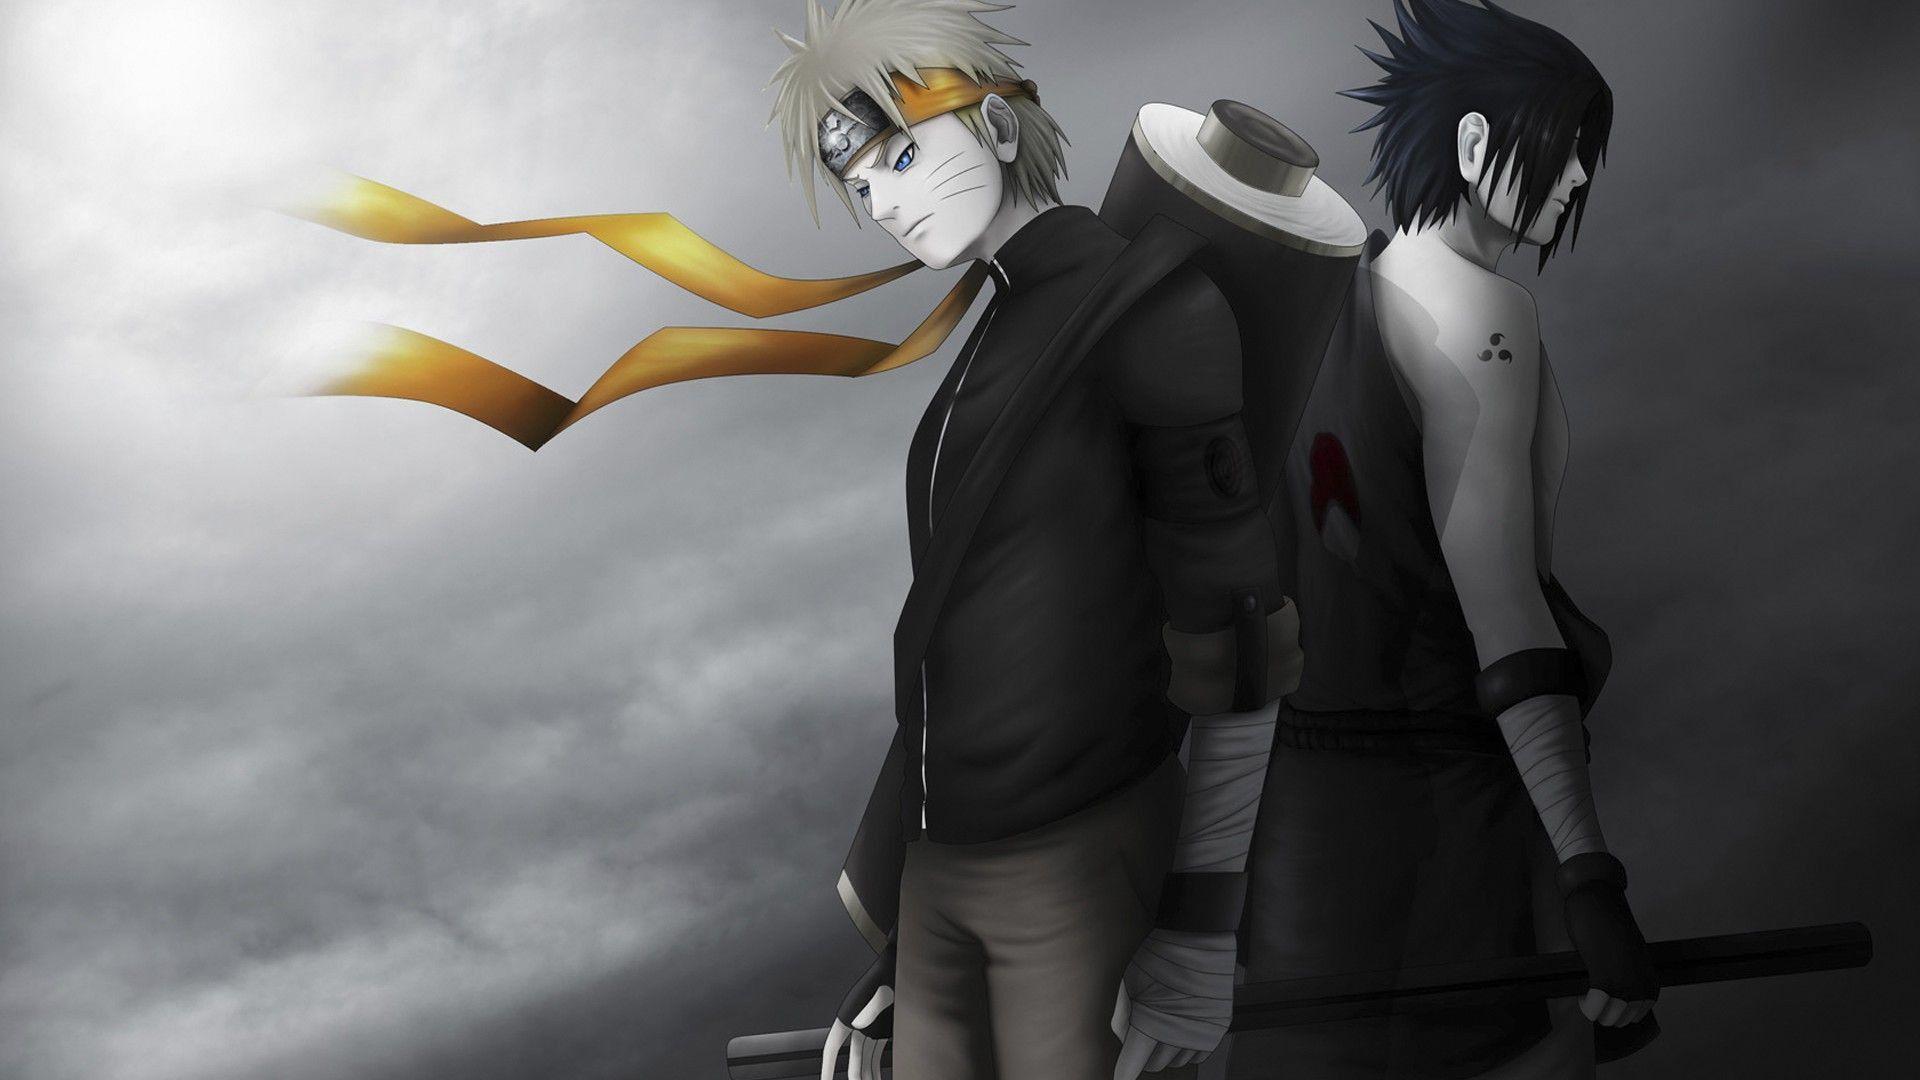 Uchiha Sasuke. Tap to see more anime iPhone HD wallpapers